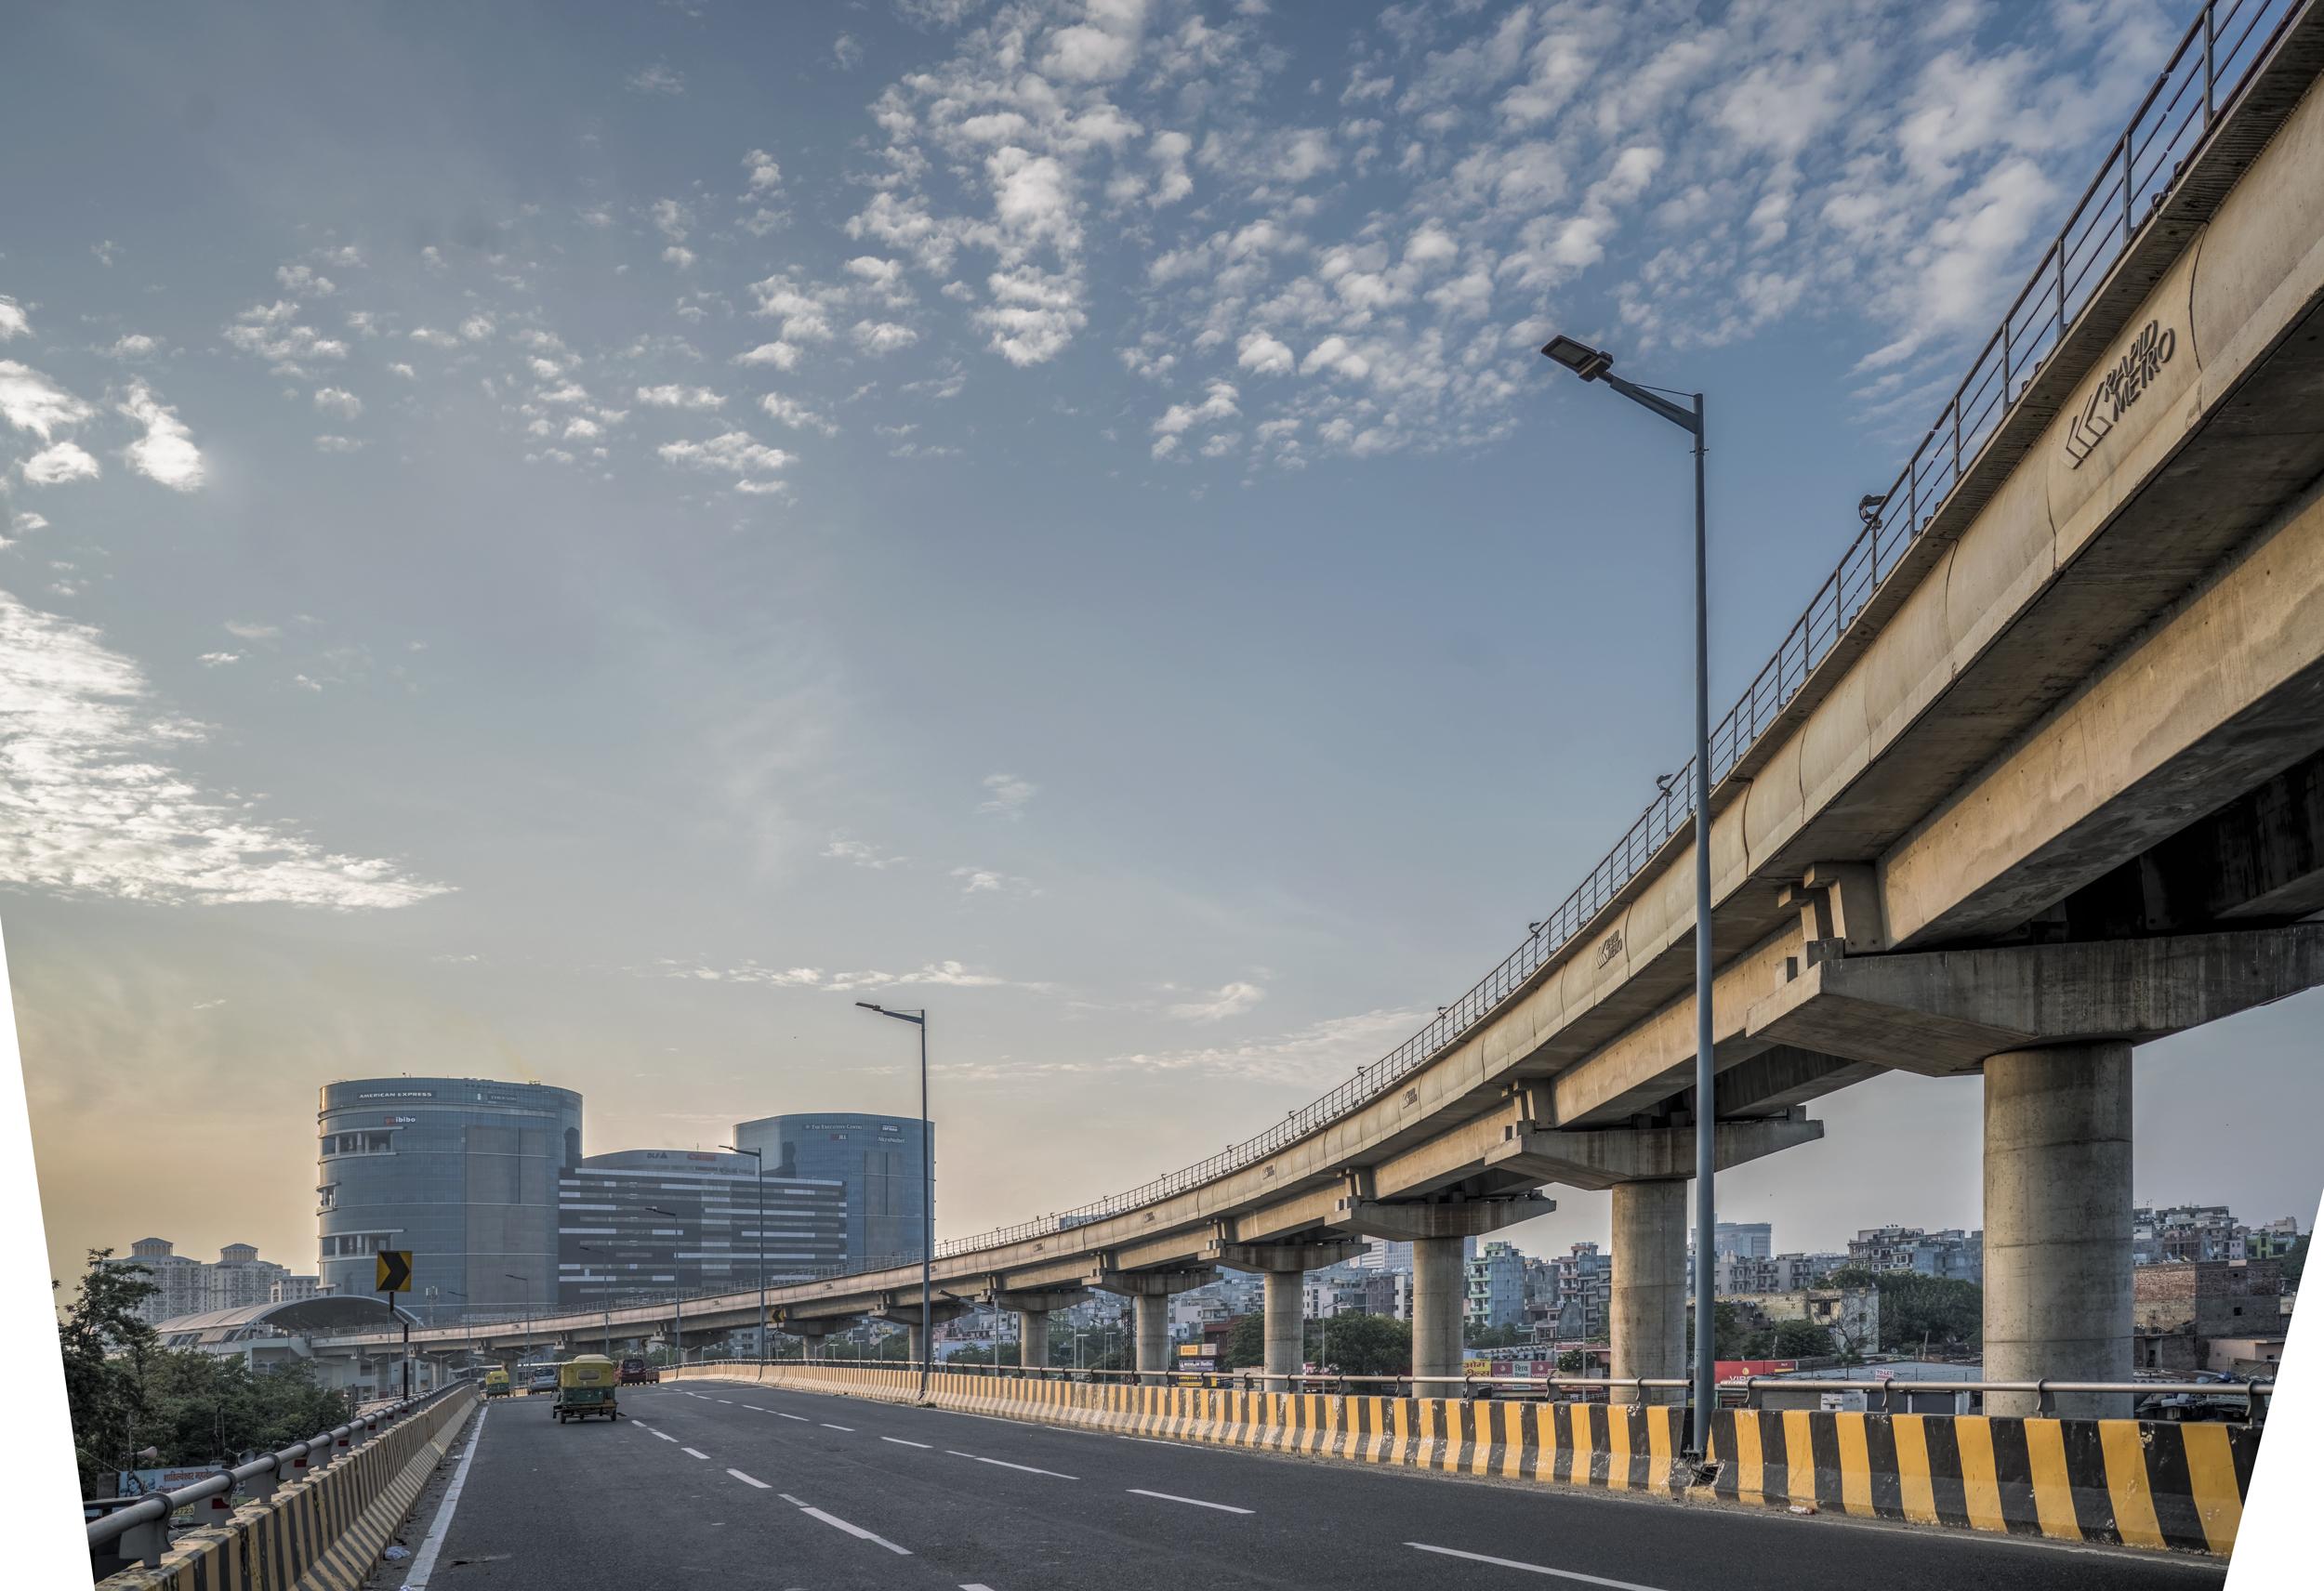 The Good Life - Delhi